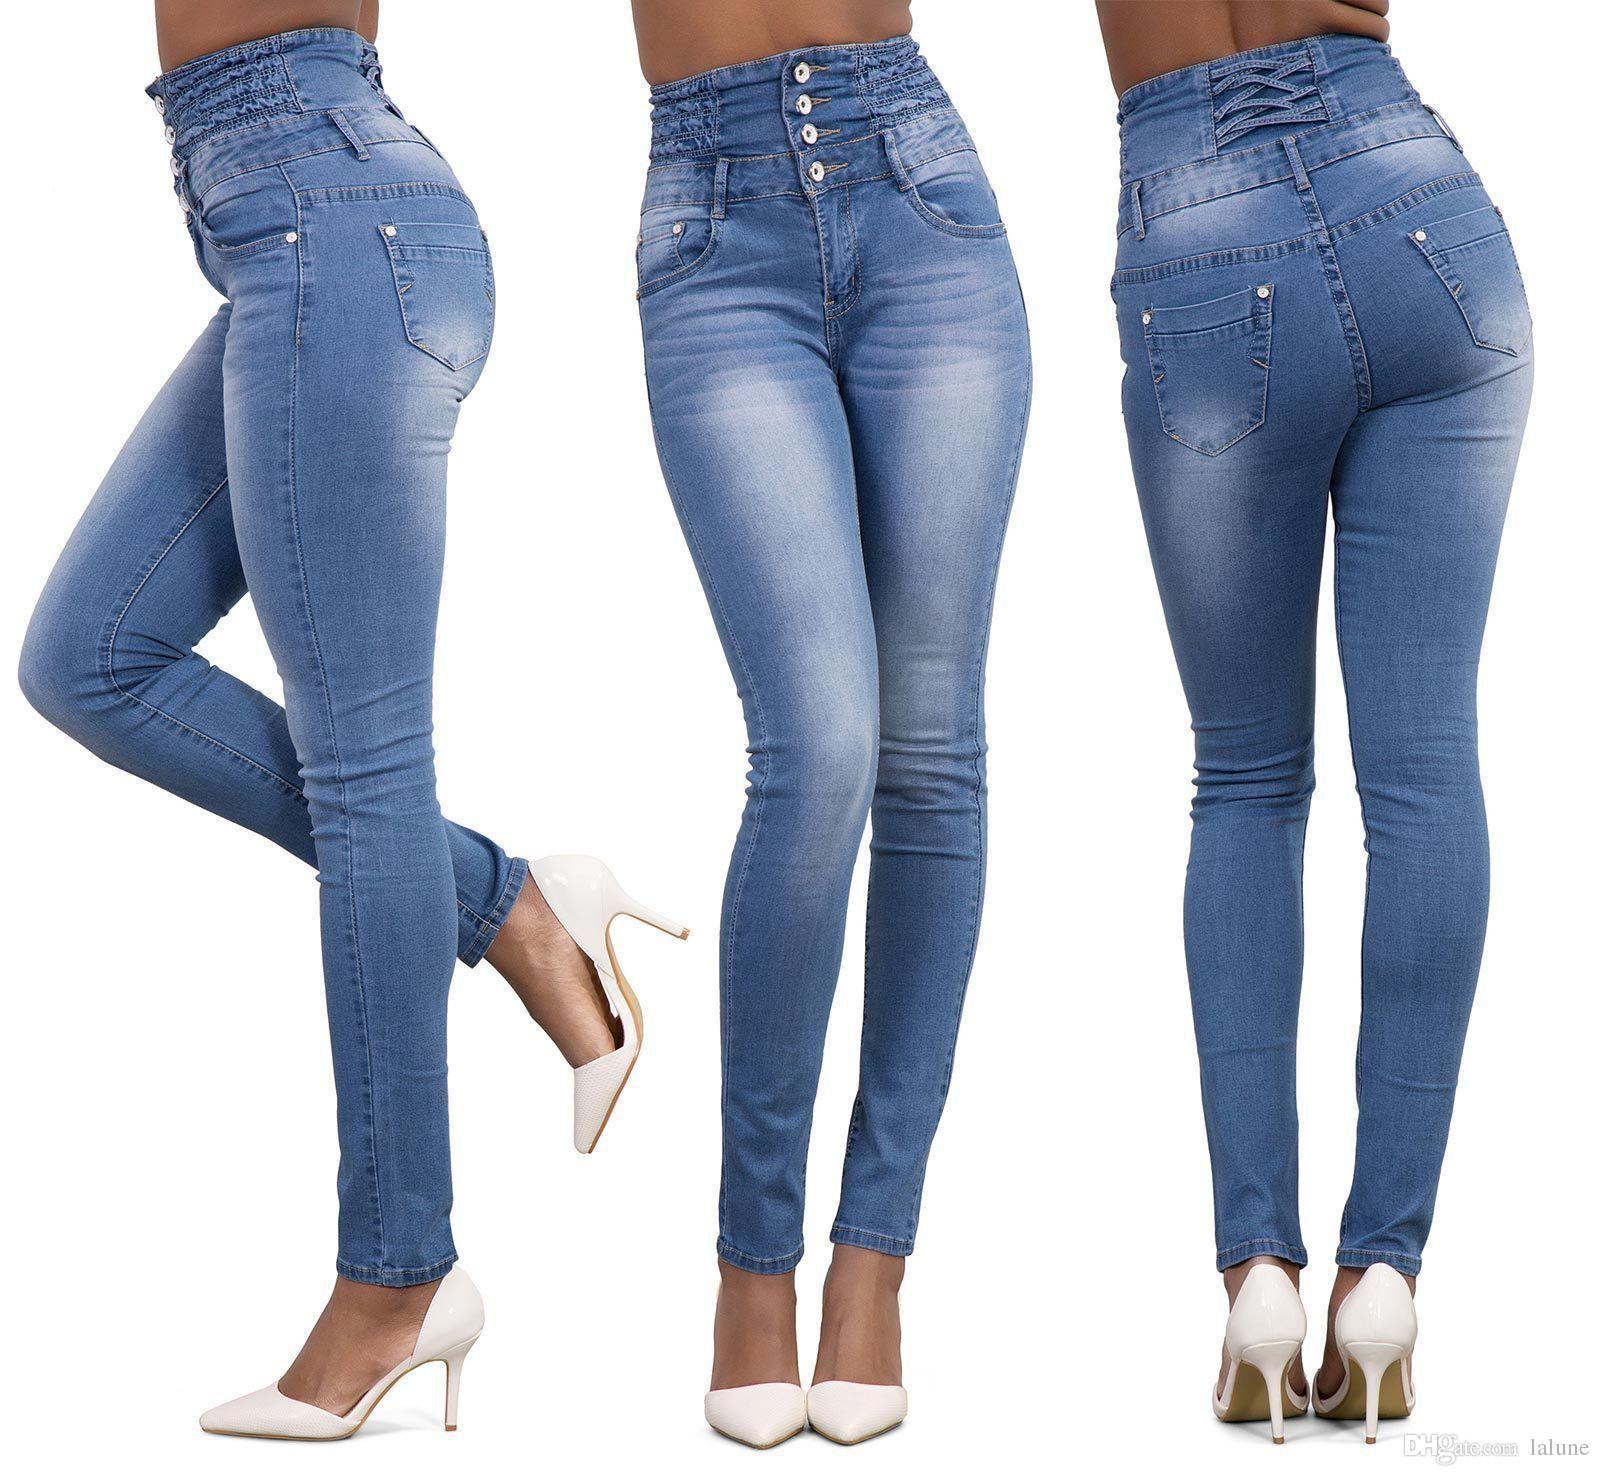 73653869a2 Autunno Jeans skinny sexy Donna Pantaloni a vita alta slim fit slim fit  Denim Jeans aderenti dritti nero azzurro S-2XL